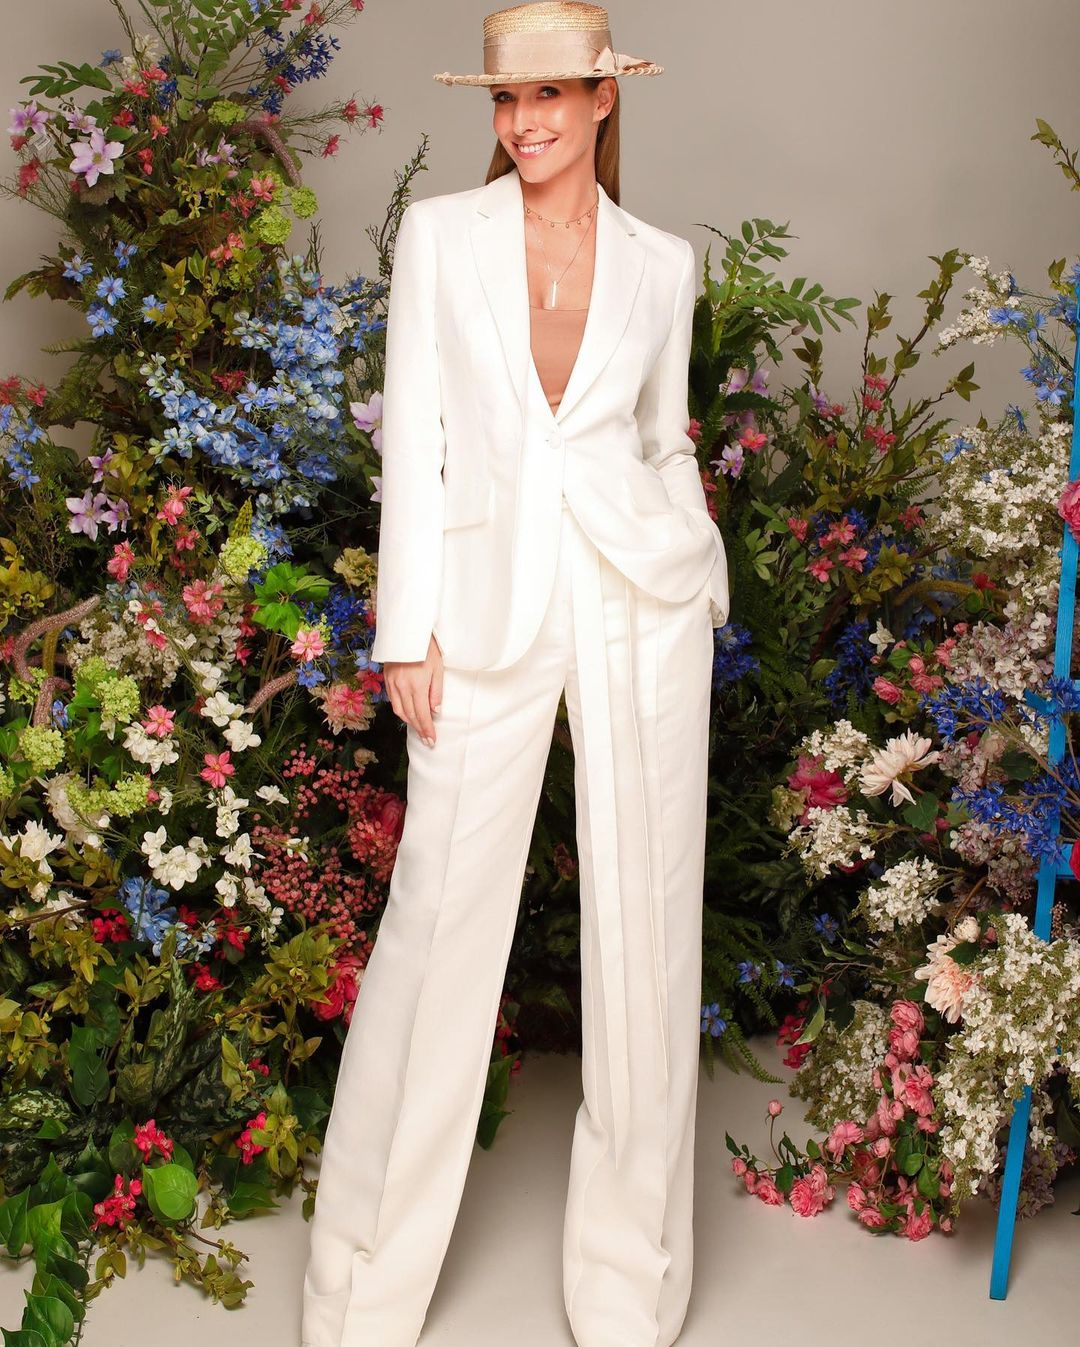 Катя Осадчая и Андре Тан представили совместную коллекцию одежды